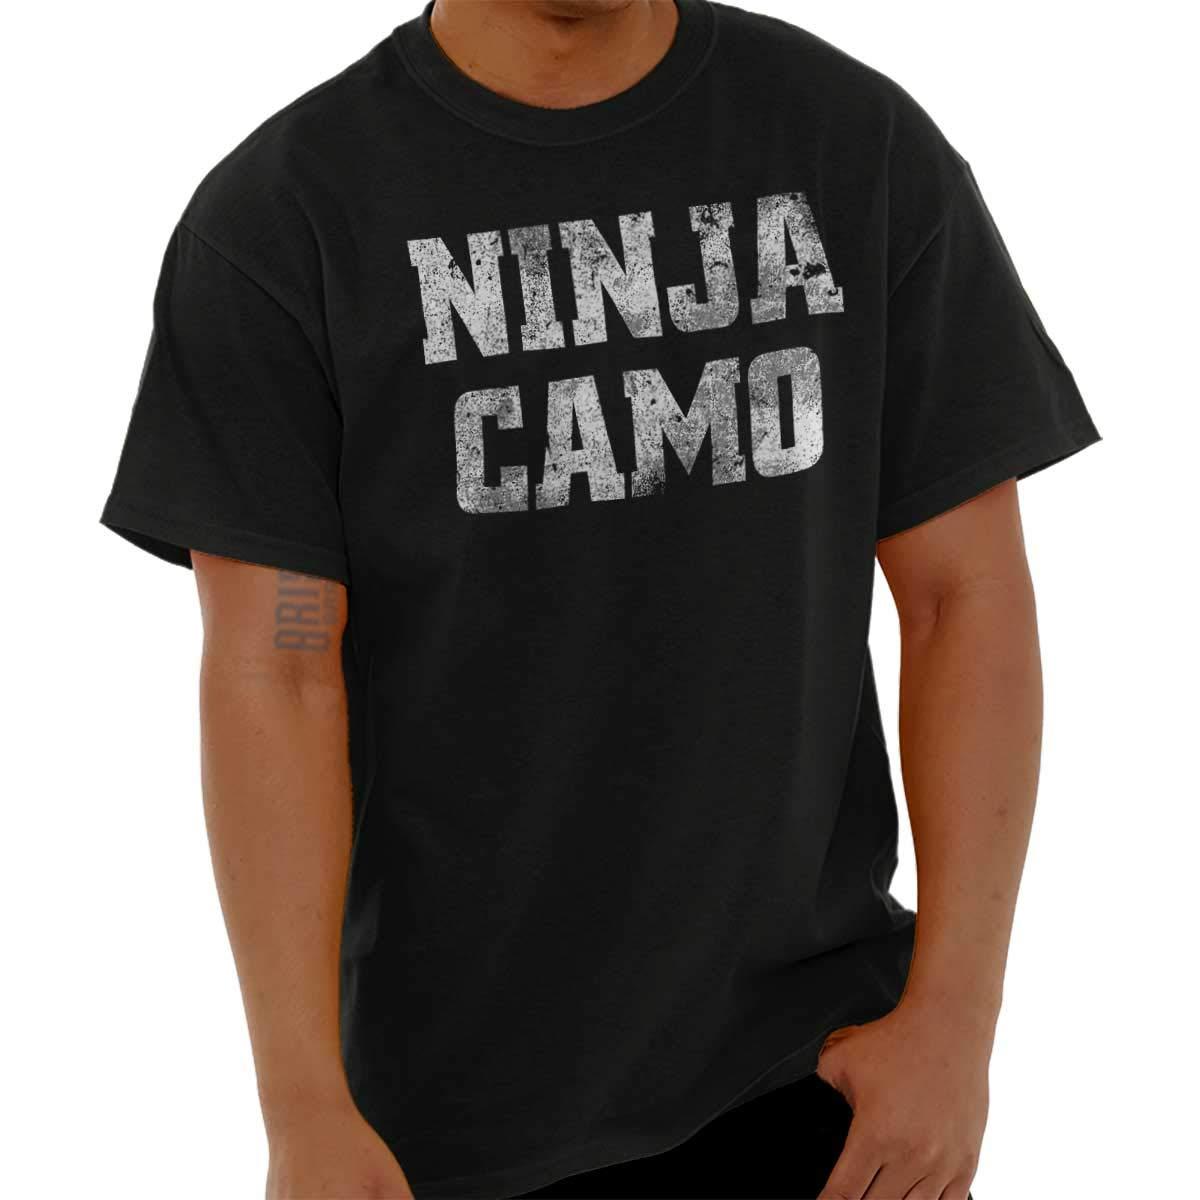 Ninja Camo Ninja Funny Humor Novelty T Shirt Tee 8393